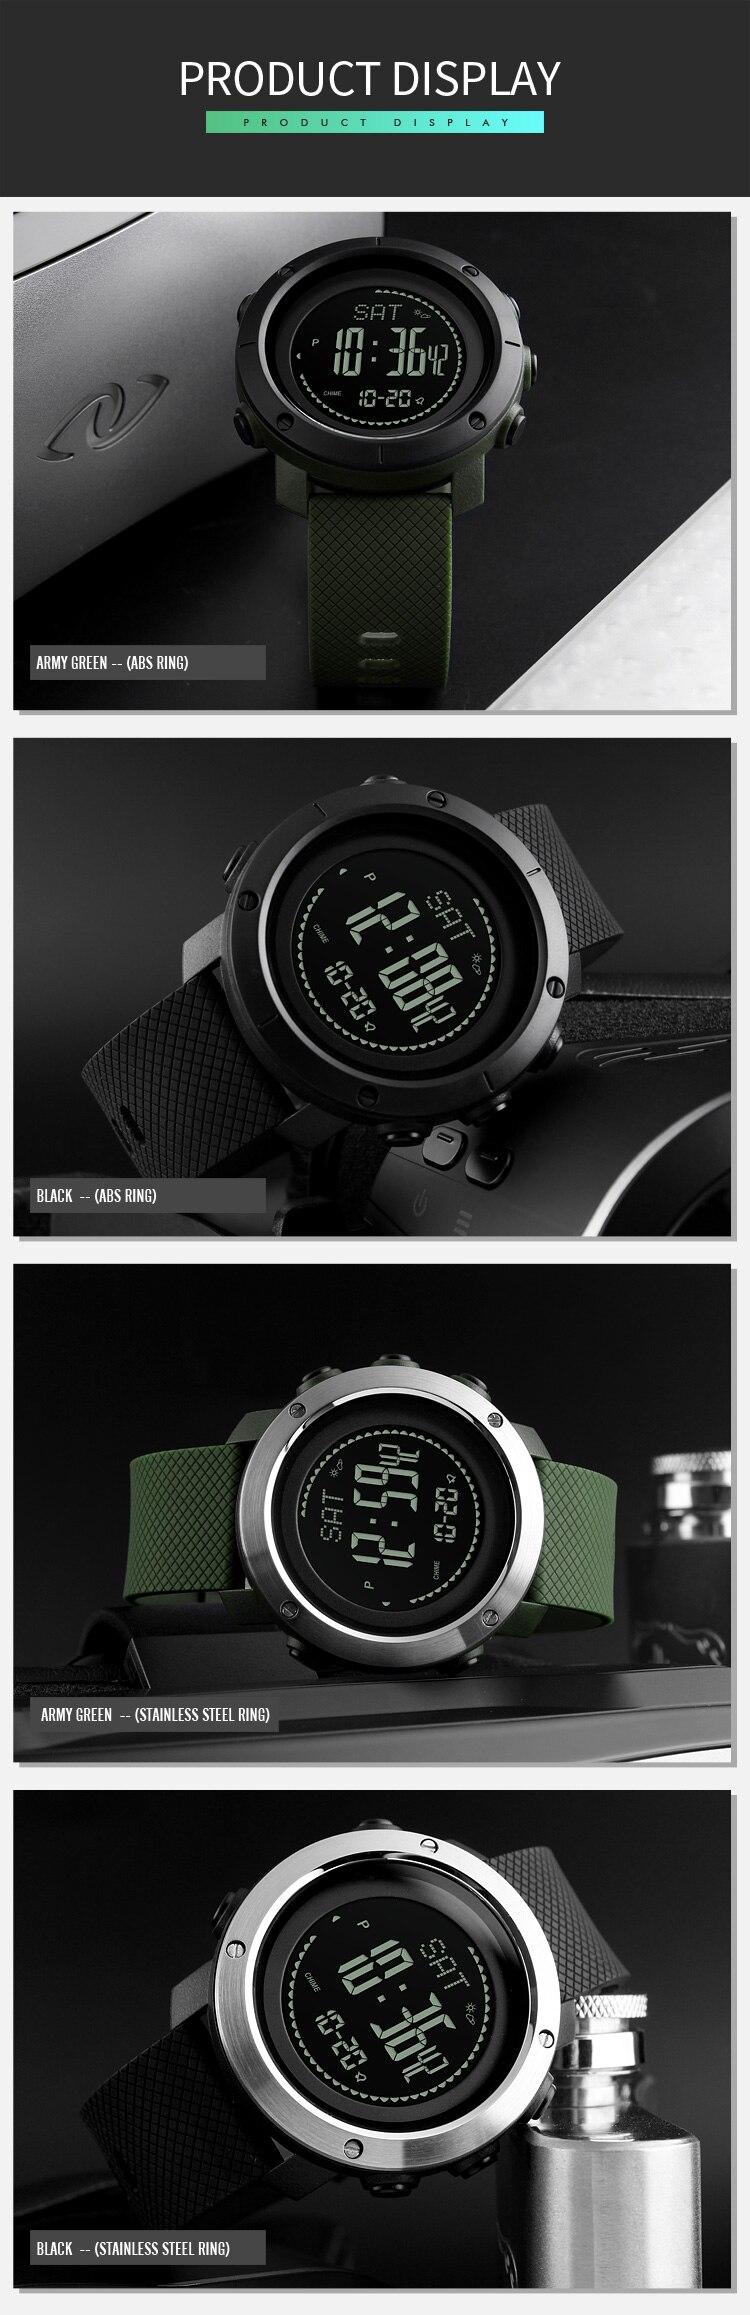 a8f2e2d5fa32 Azul del reloj SKMEI marca Mens relojes deportivos altímetro ...